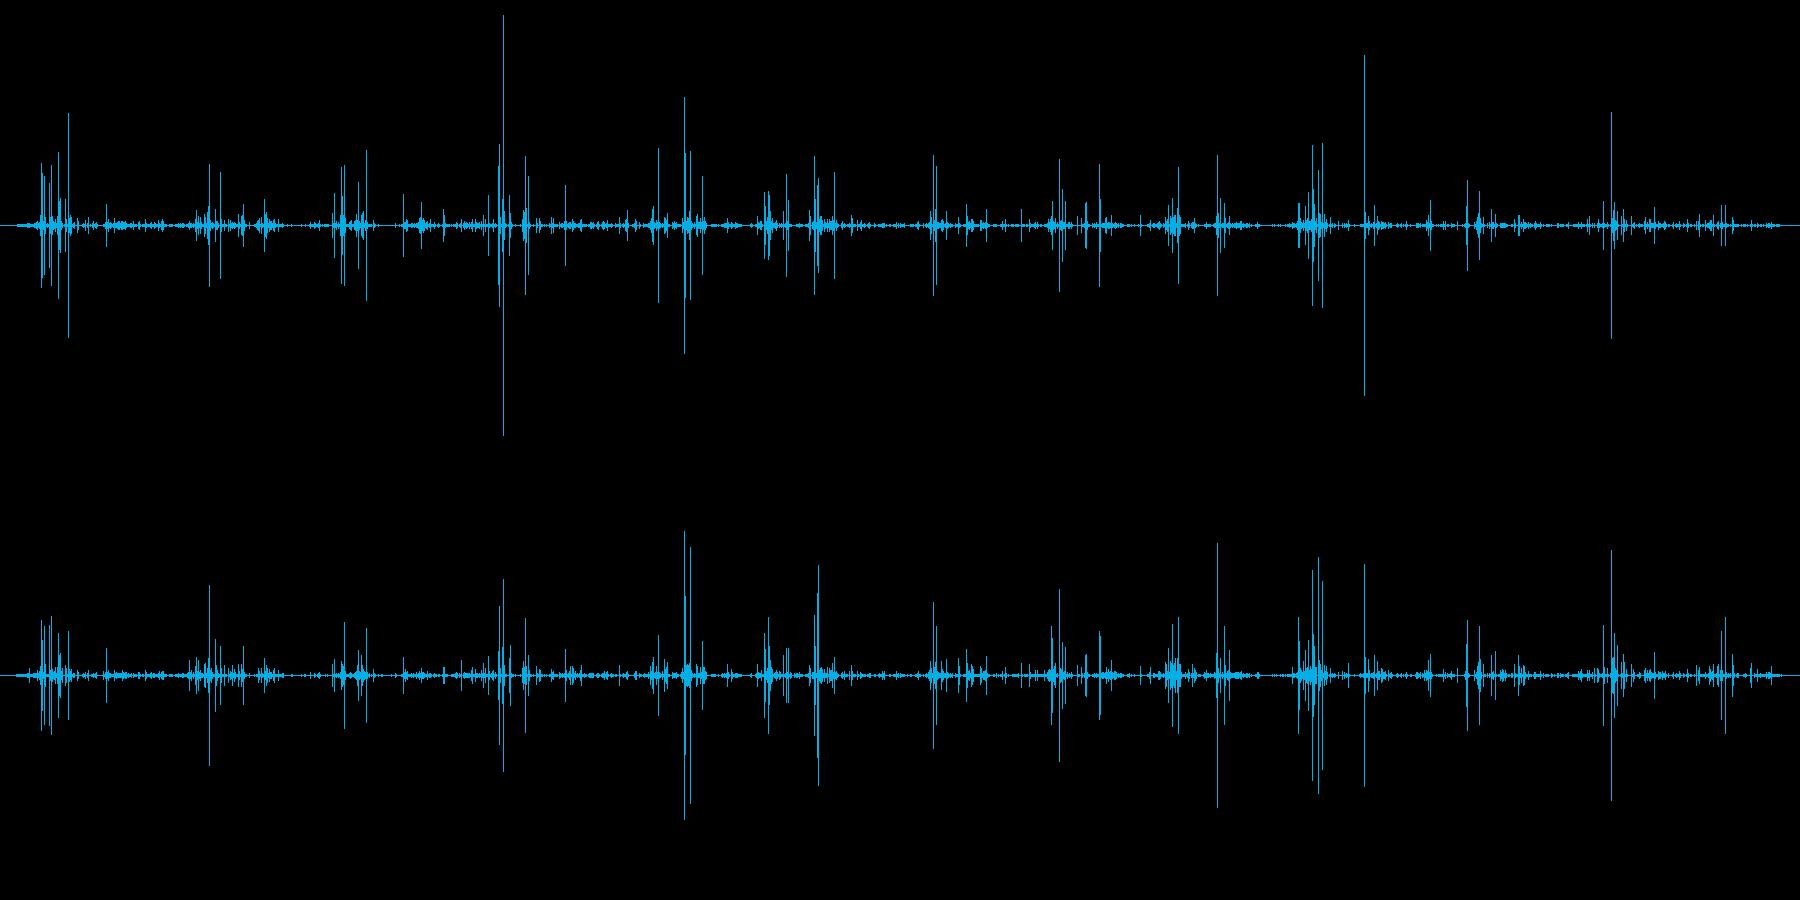 木 竹クラックシーケンス03の再生済みの波形